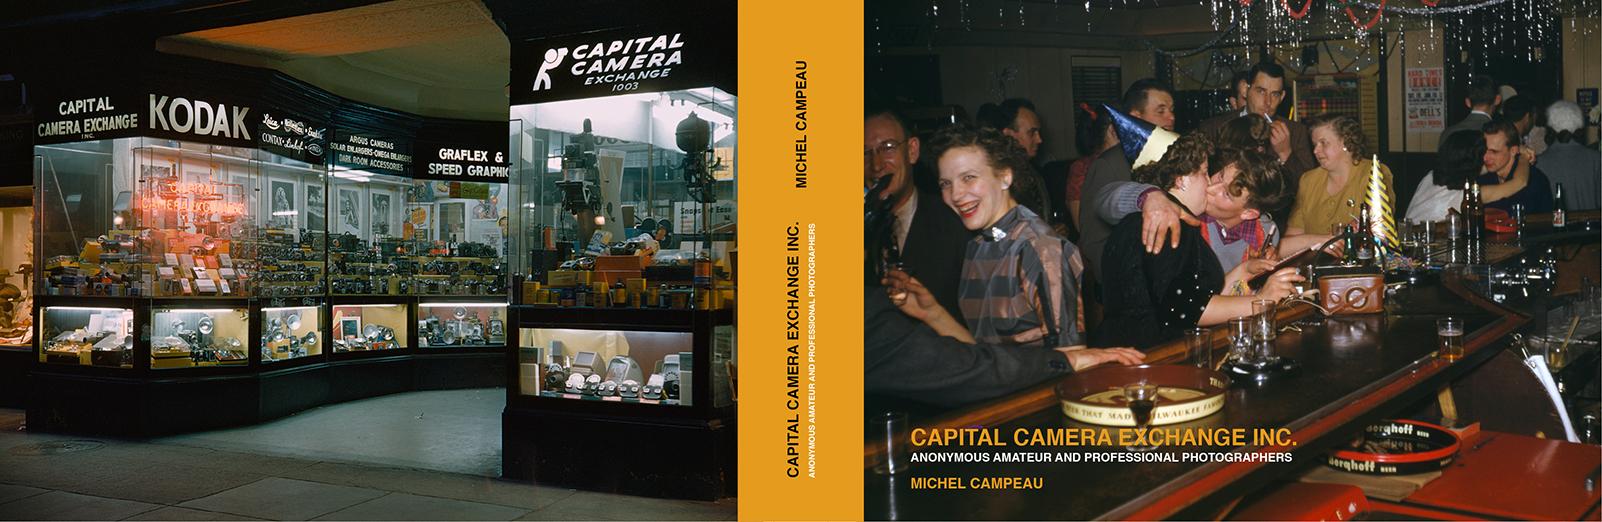 Capital Camera Exchange Inc. (2015-2018) — Anonymous Amateurs and Professionals Photographer   Imprimé numérique proposé au Luma Rencontres Dummy Book Award Arles 2018